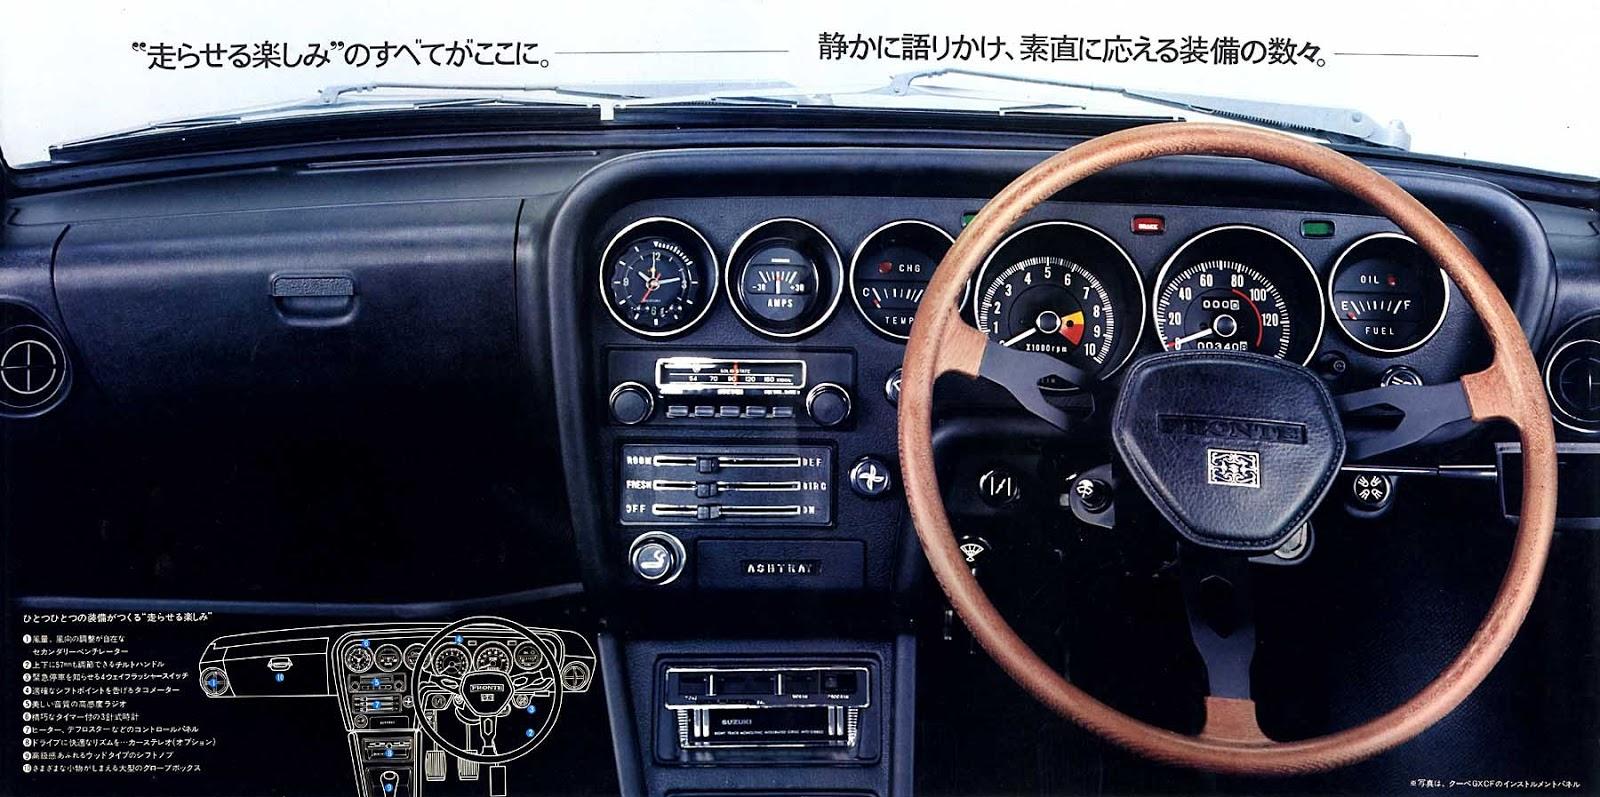 suzuki fronte coupe, lc10w, wnętrze, interior, mały samochód, klasyki z lat 70, wnętrza starych aut